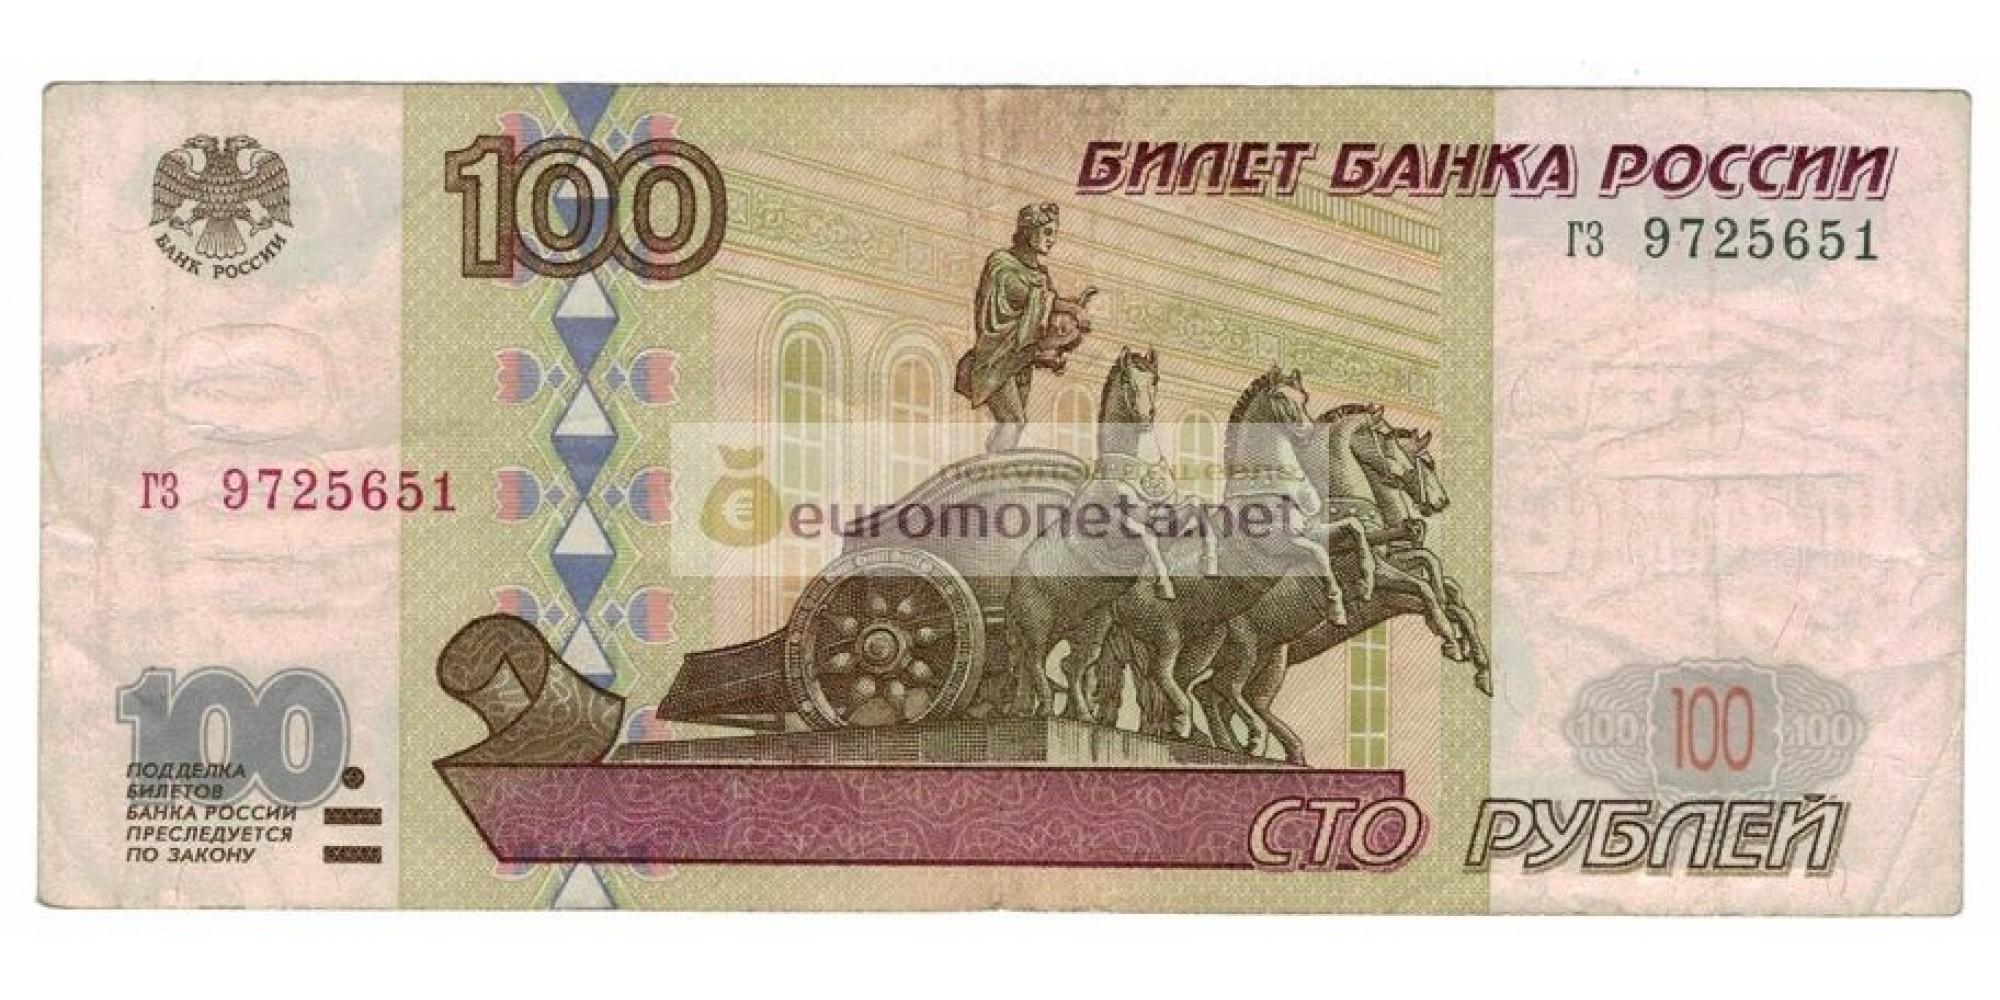 Россия 100 рублей 1997 год без модификации серия гз 9725651